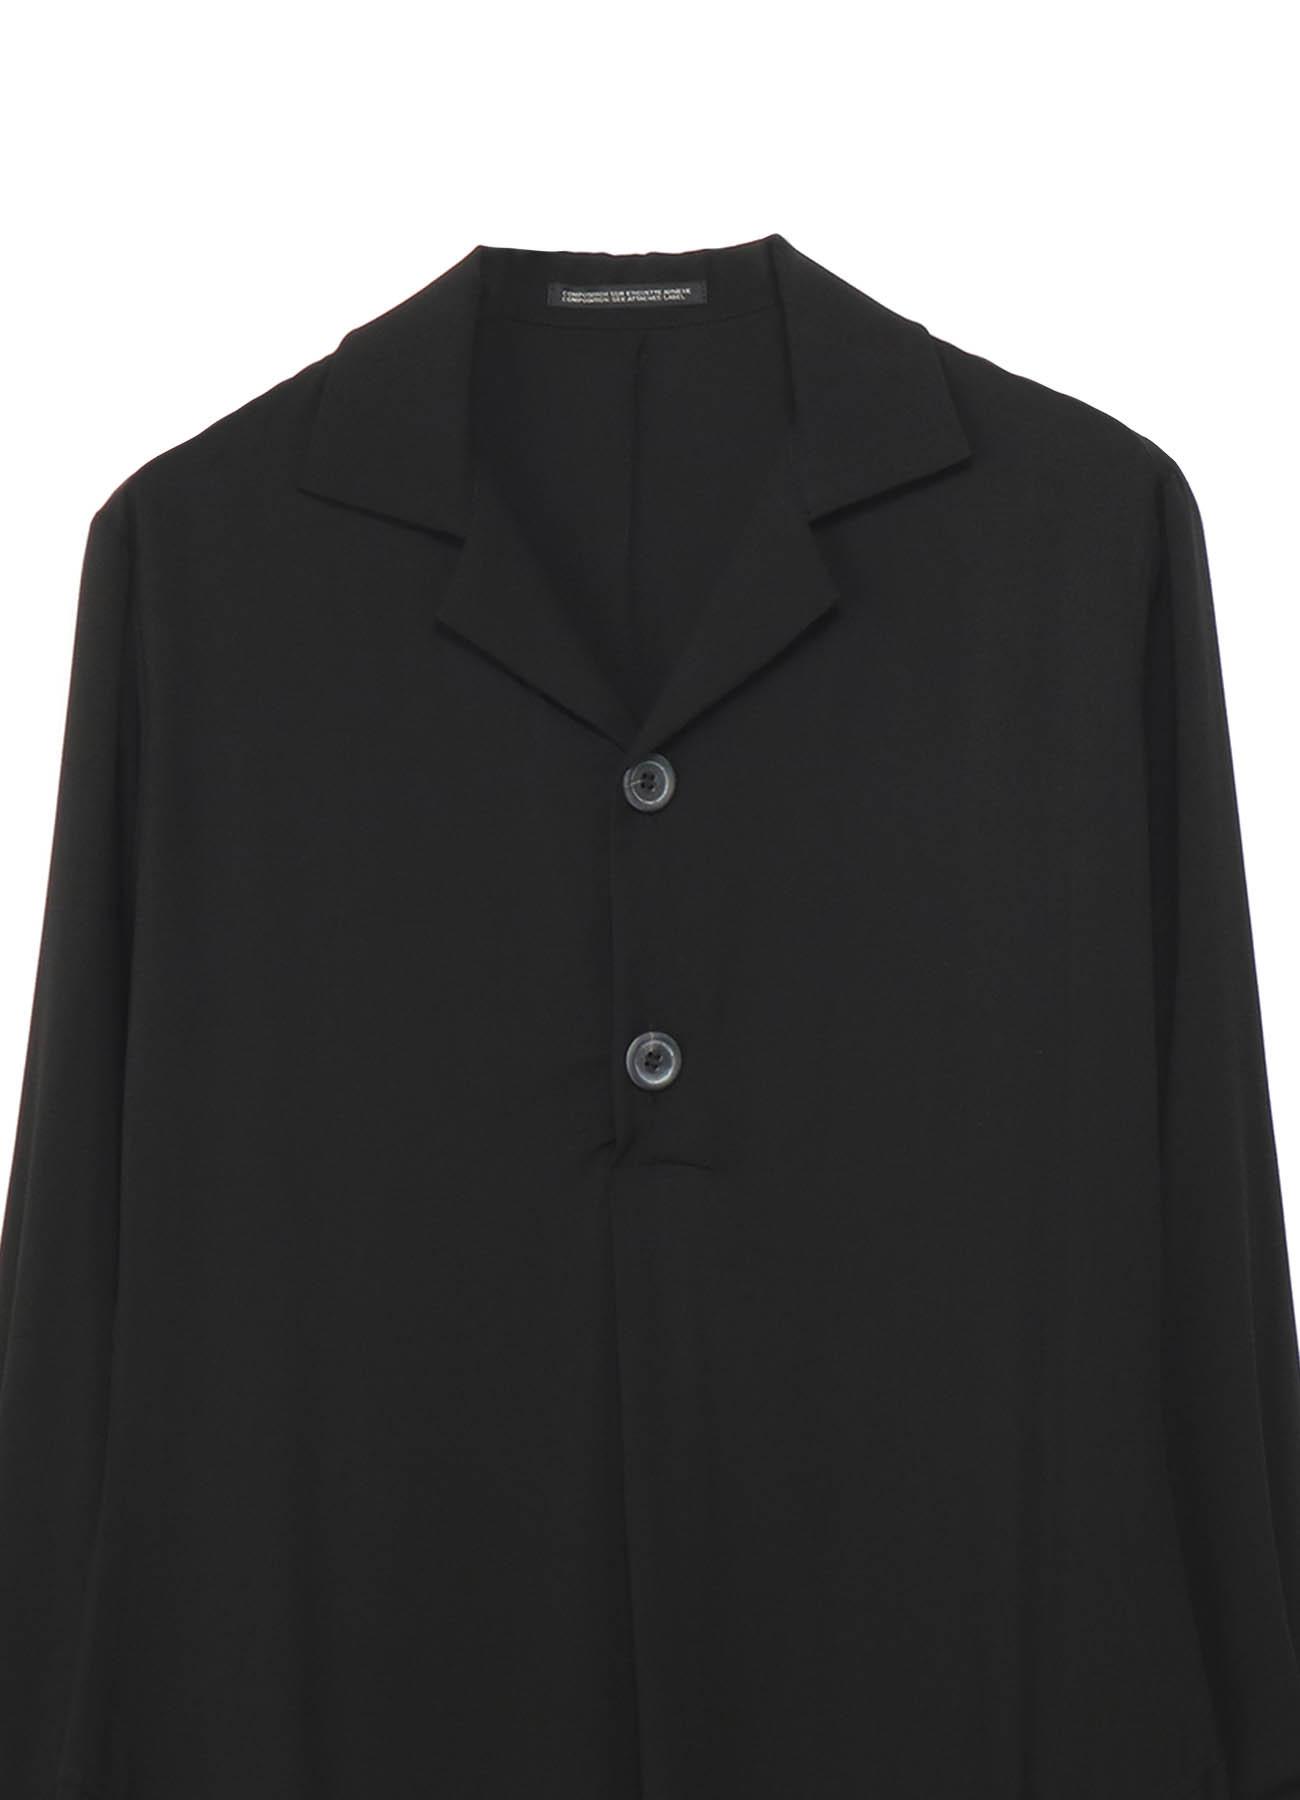 スパンレーヨン 袖ダブルフレアシャツ